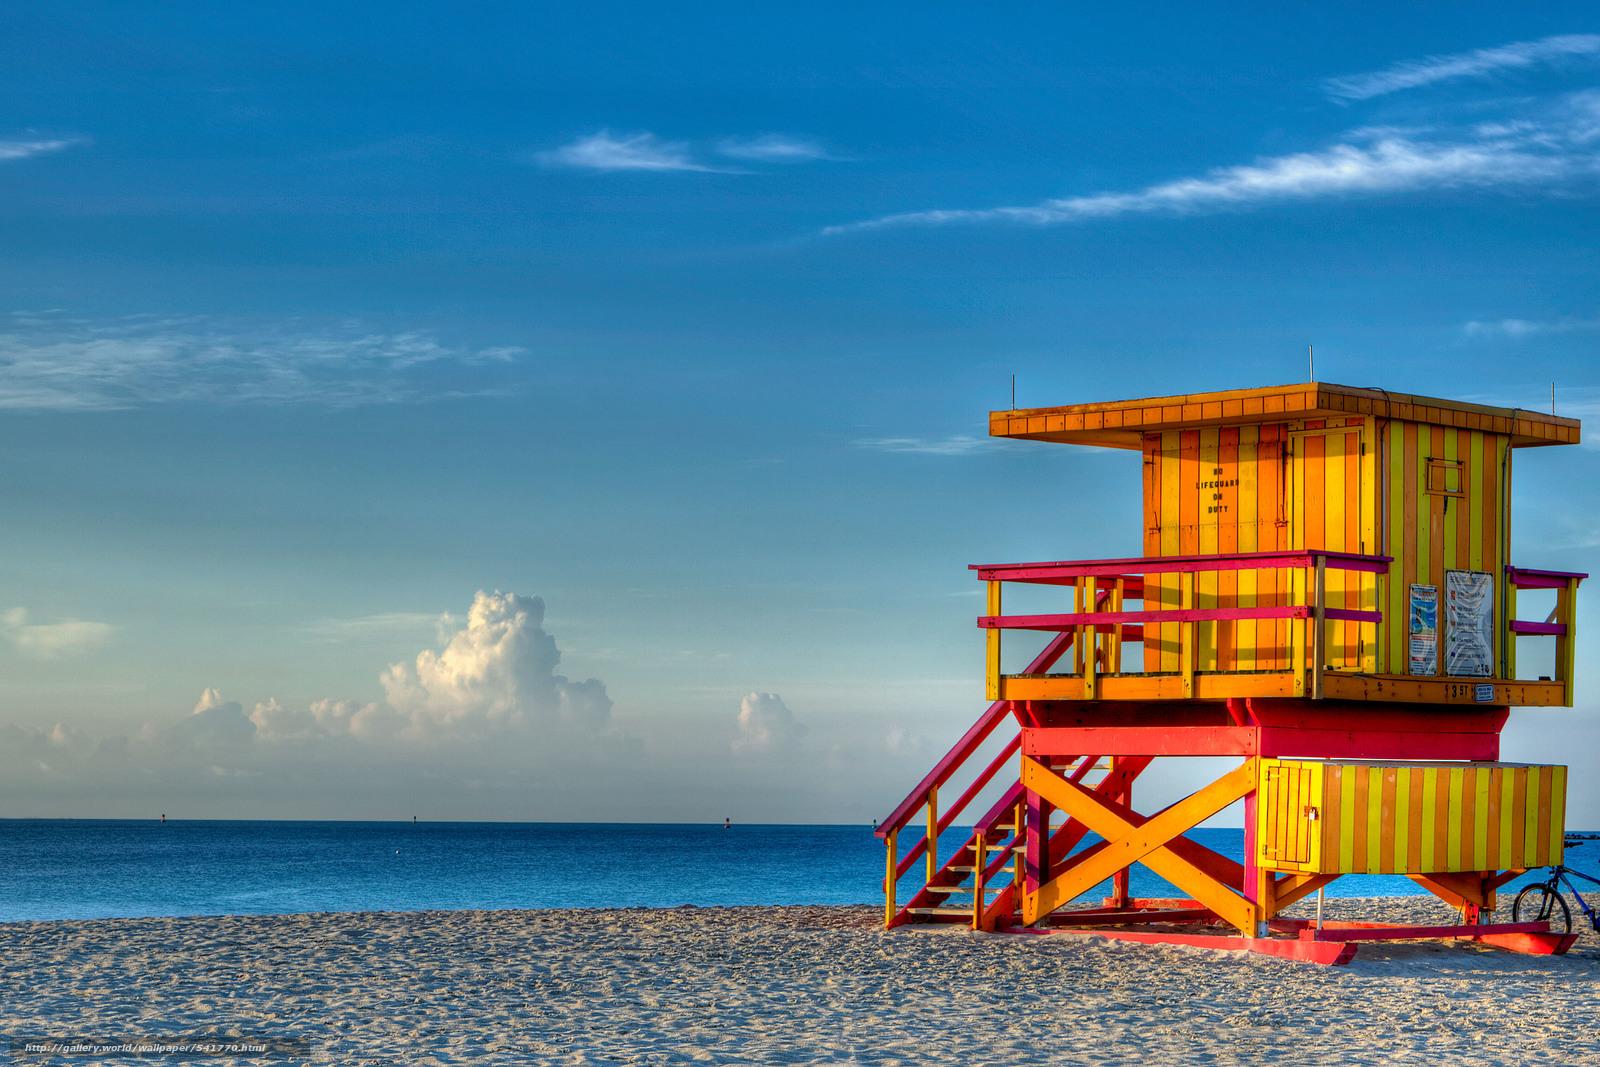 Tlcharger Fond decran South Beach Miami augmenter mer Fonds d 1600x1067